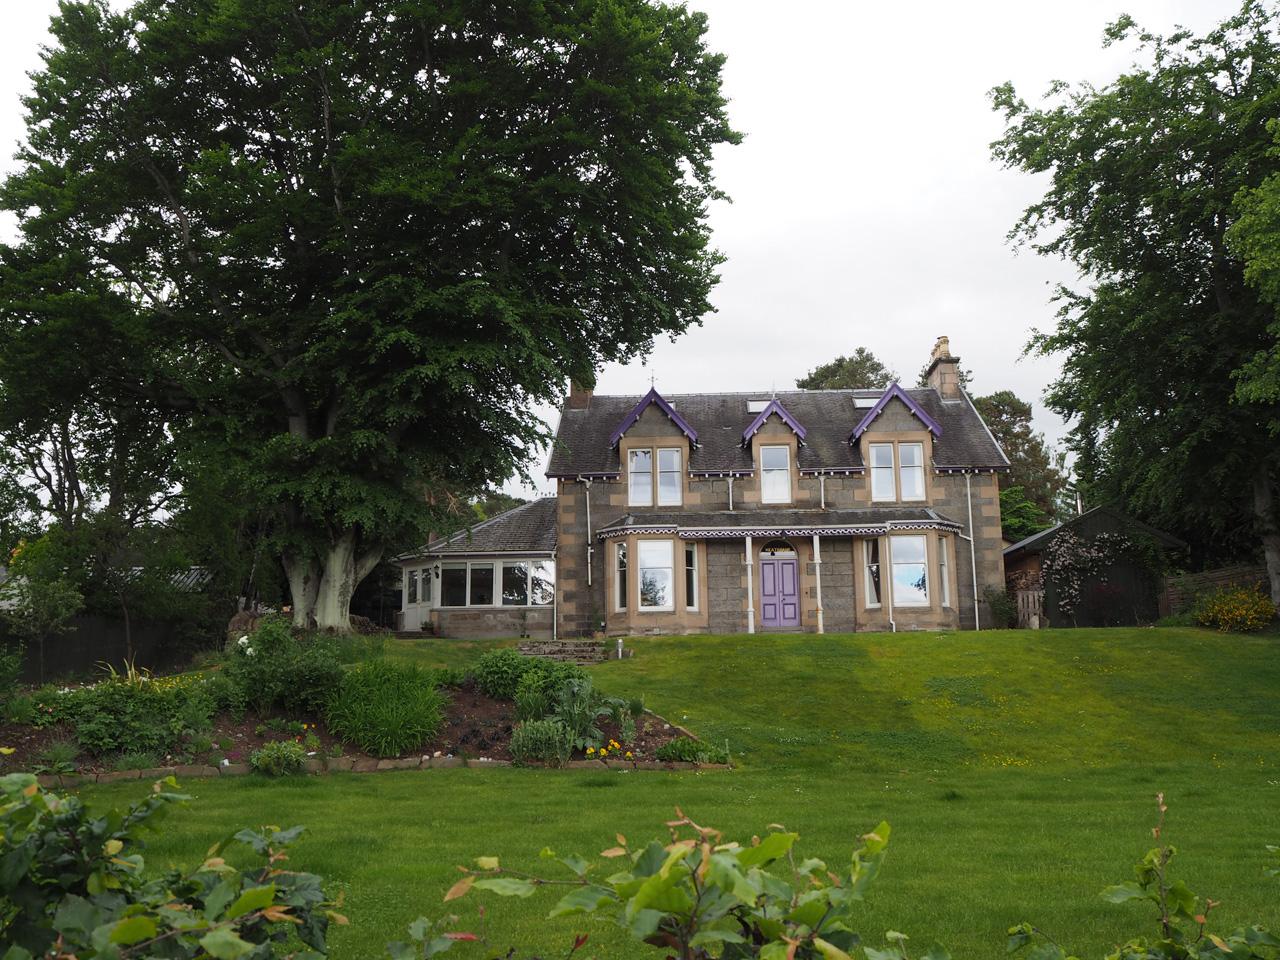 de eerste huizen in Boat of Garten